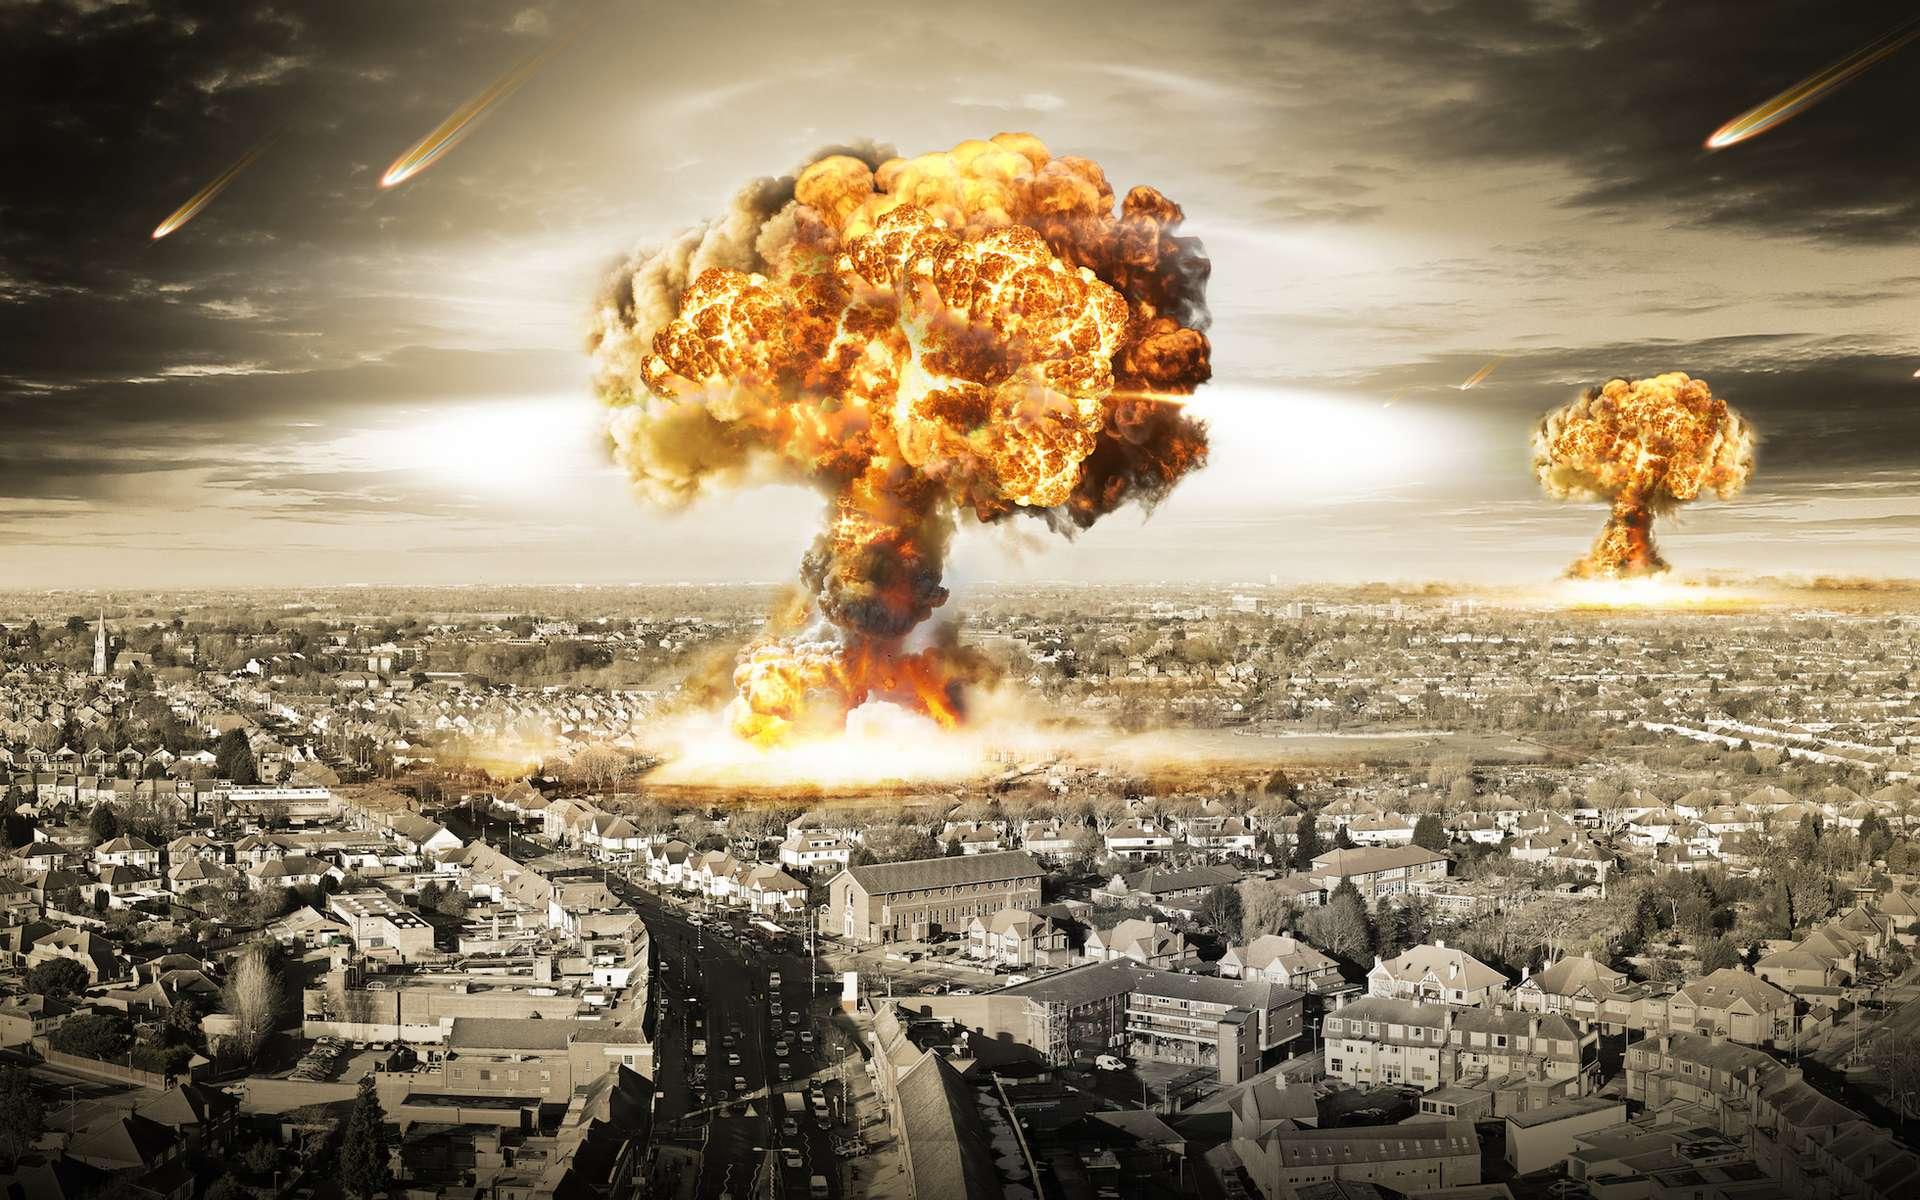 Lors d'une explosion nucléaire, on peut observer la formation d'une nuage en forme de « champignon atomique ». © Razvan Ionut Dragomirescu, Shutterstock